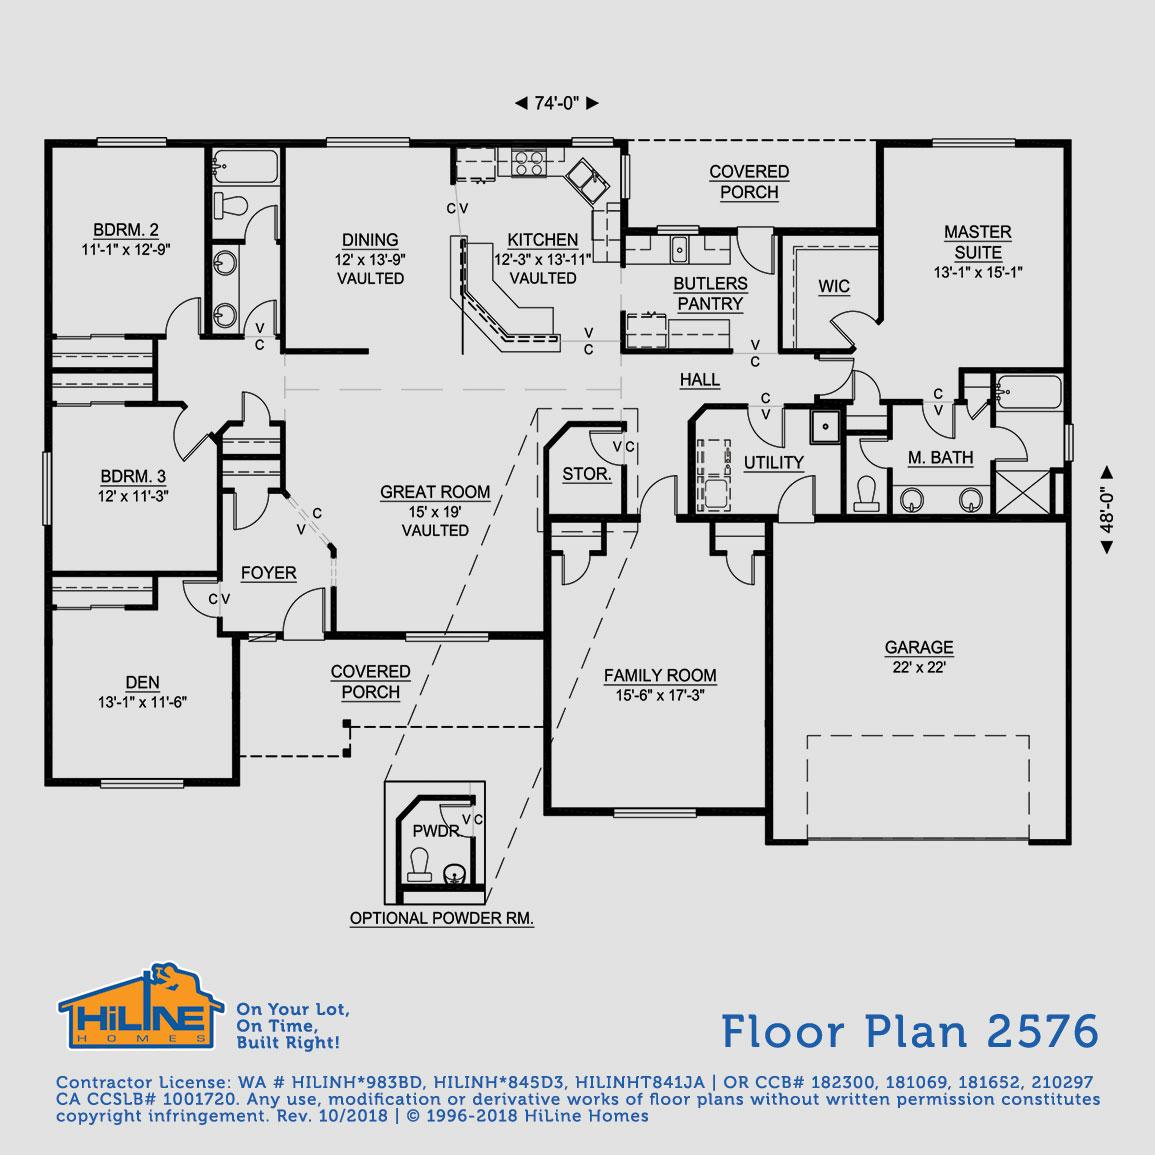 Download PDF View Floorplan ...